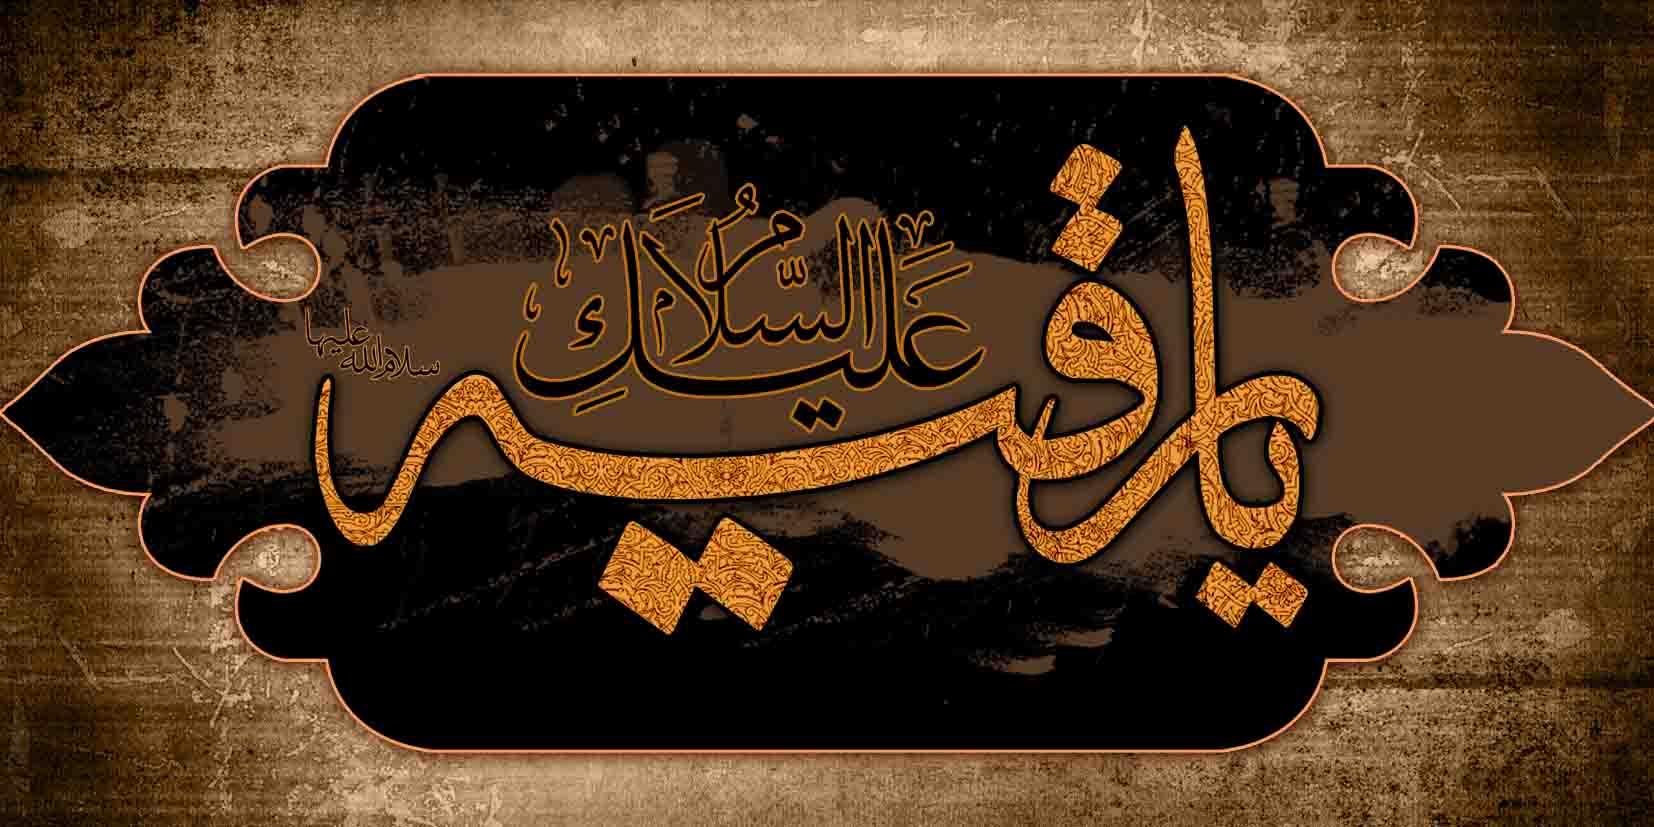 بسته شعری برای حضرت رقیه ( س )/ بودم به حسین، سرسپرده